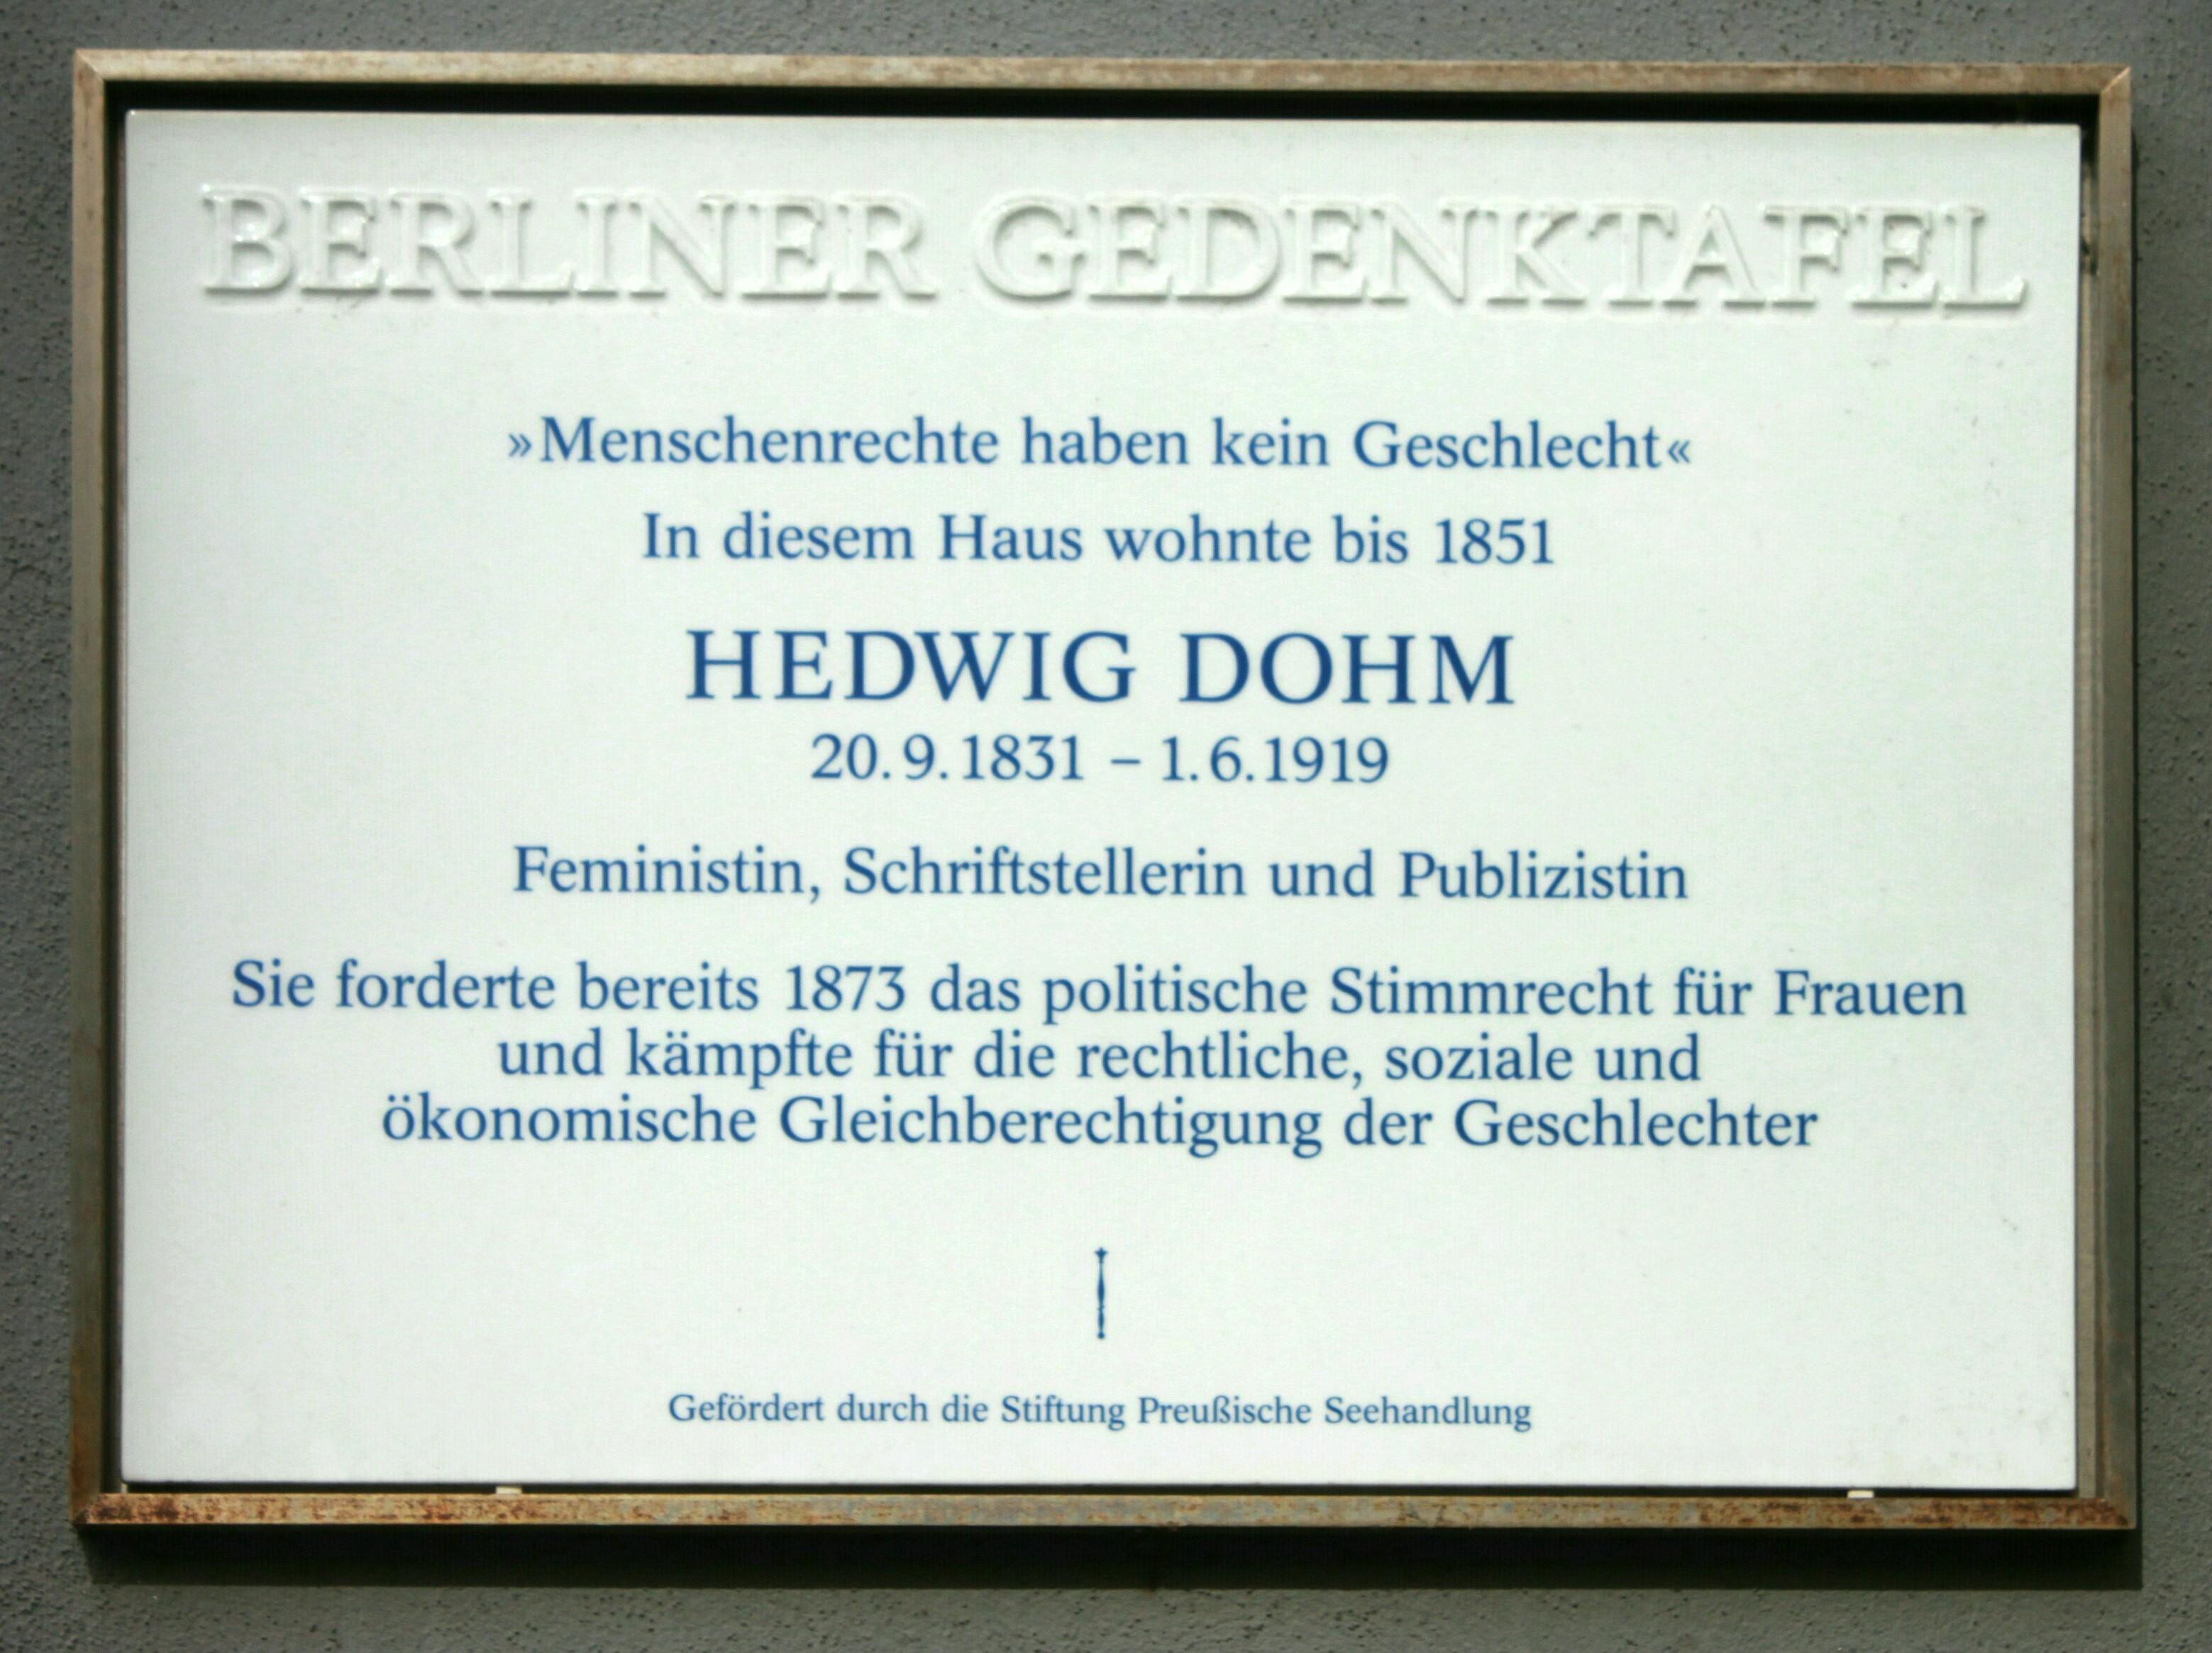 Hedwig Dohm – 2017 – Berliner Gedenktafel